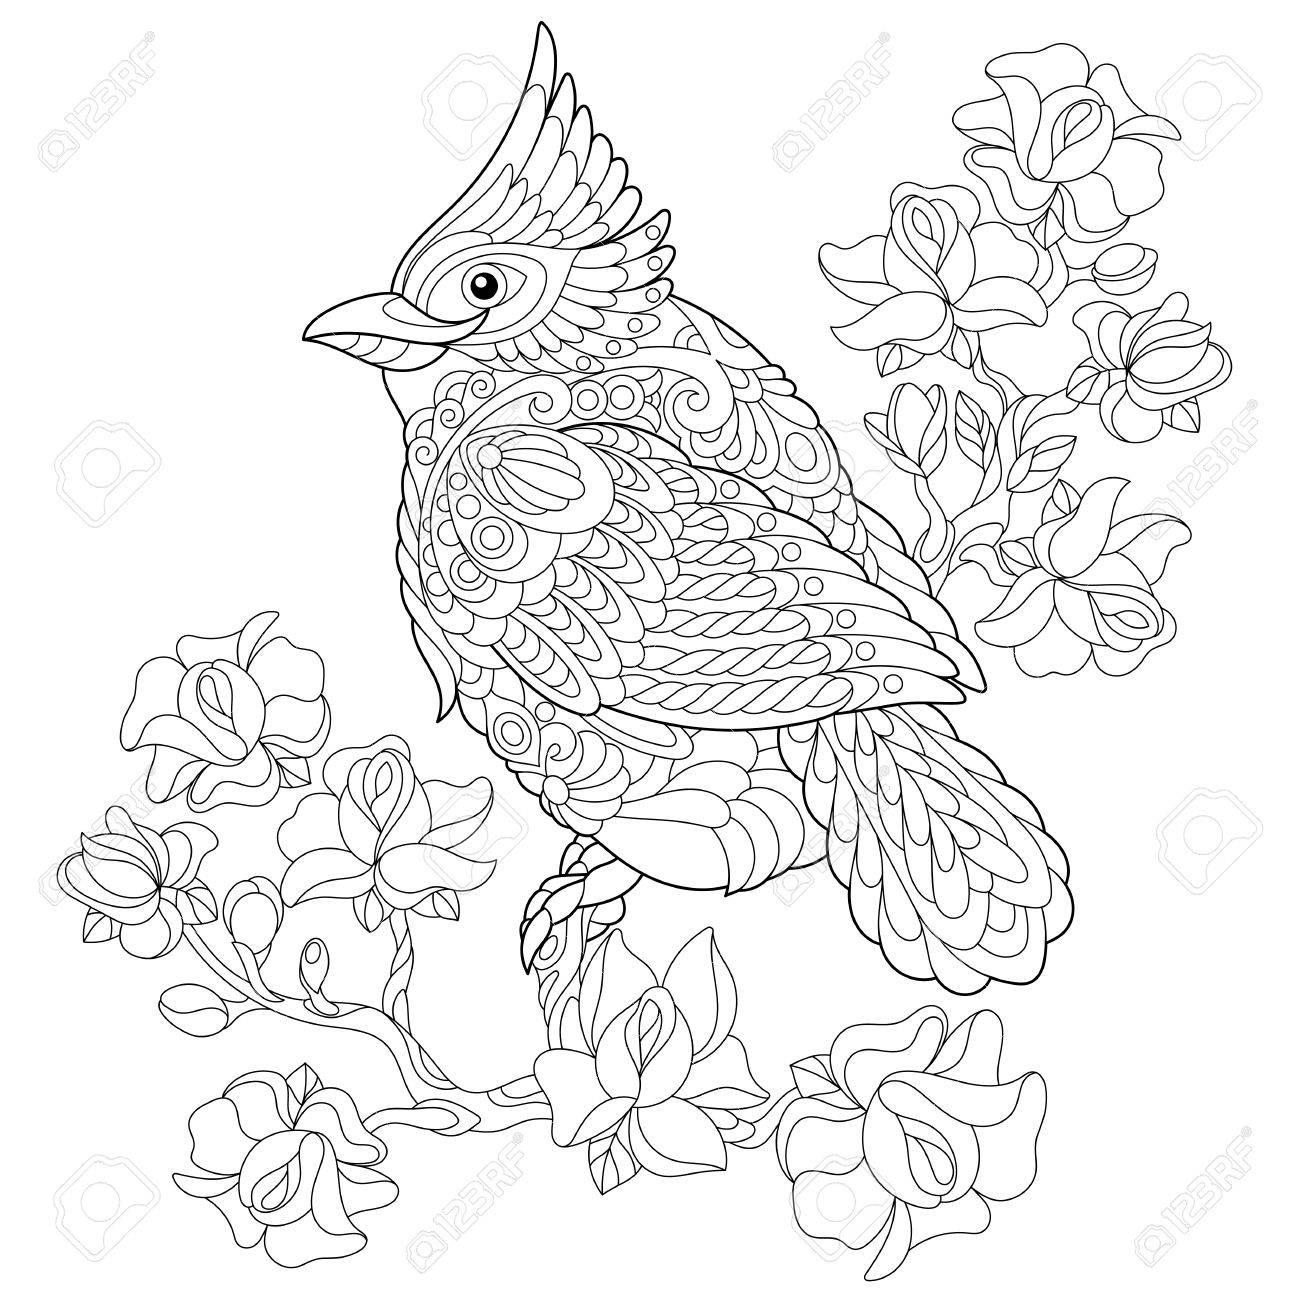 Coloriage Oiseau Sur Arbre.Livre Pour Colorier Page De L Oiseau Cardinal Rouge Du Nord Assis